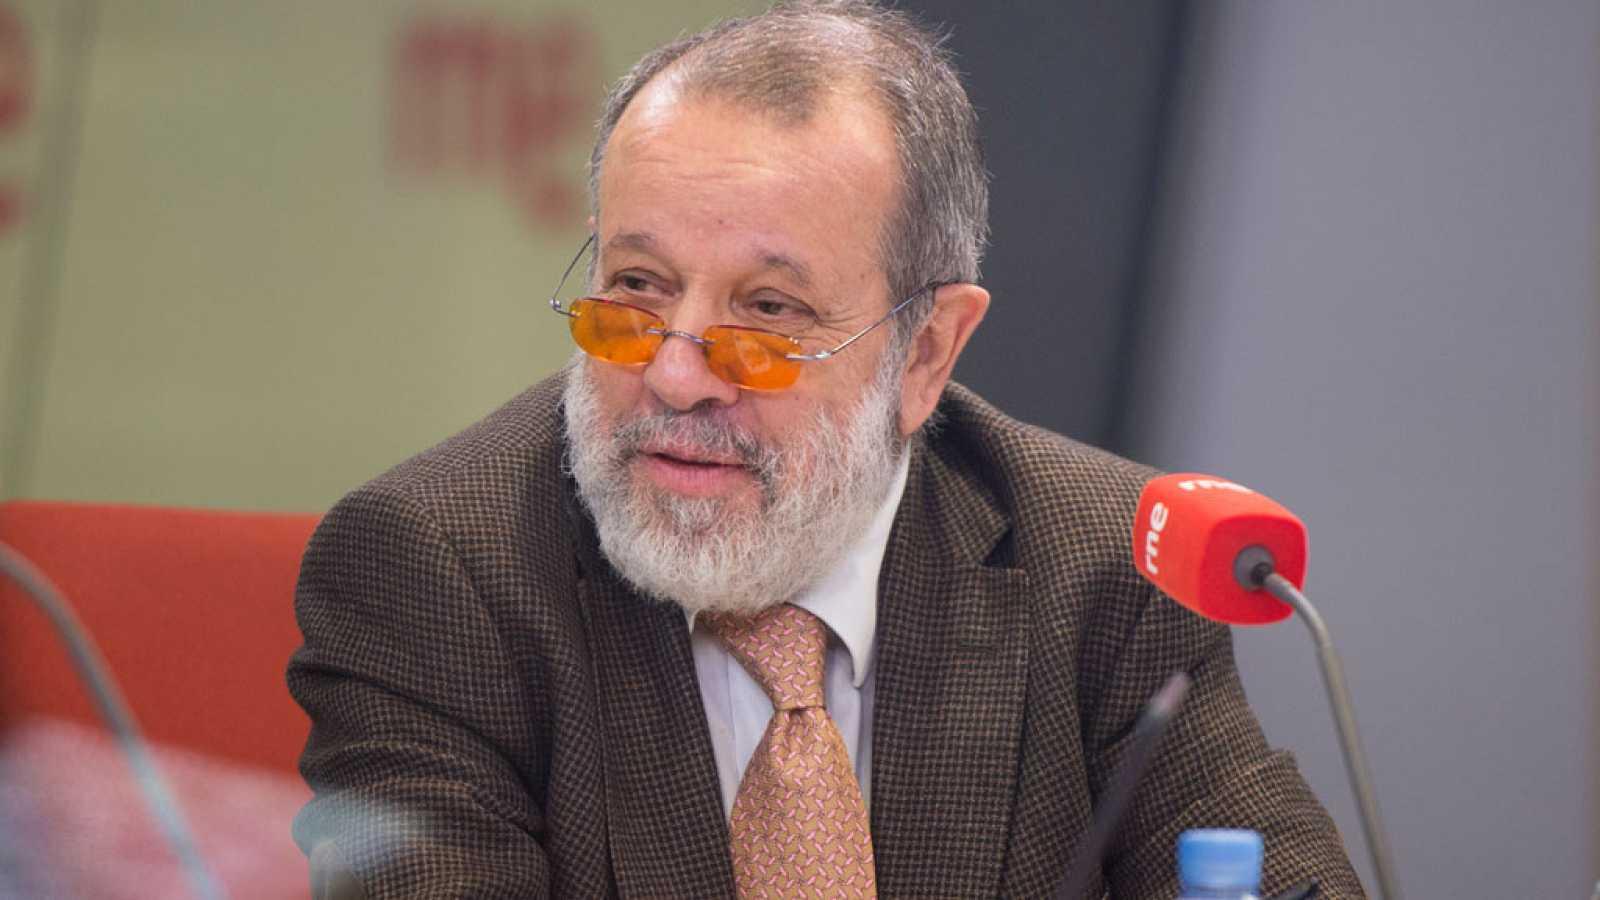 Guerra a los provida. Defensor del pueblo Francisco Fernández Marugán: no has podido caer más bajo